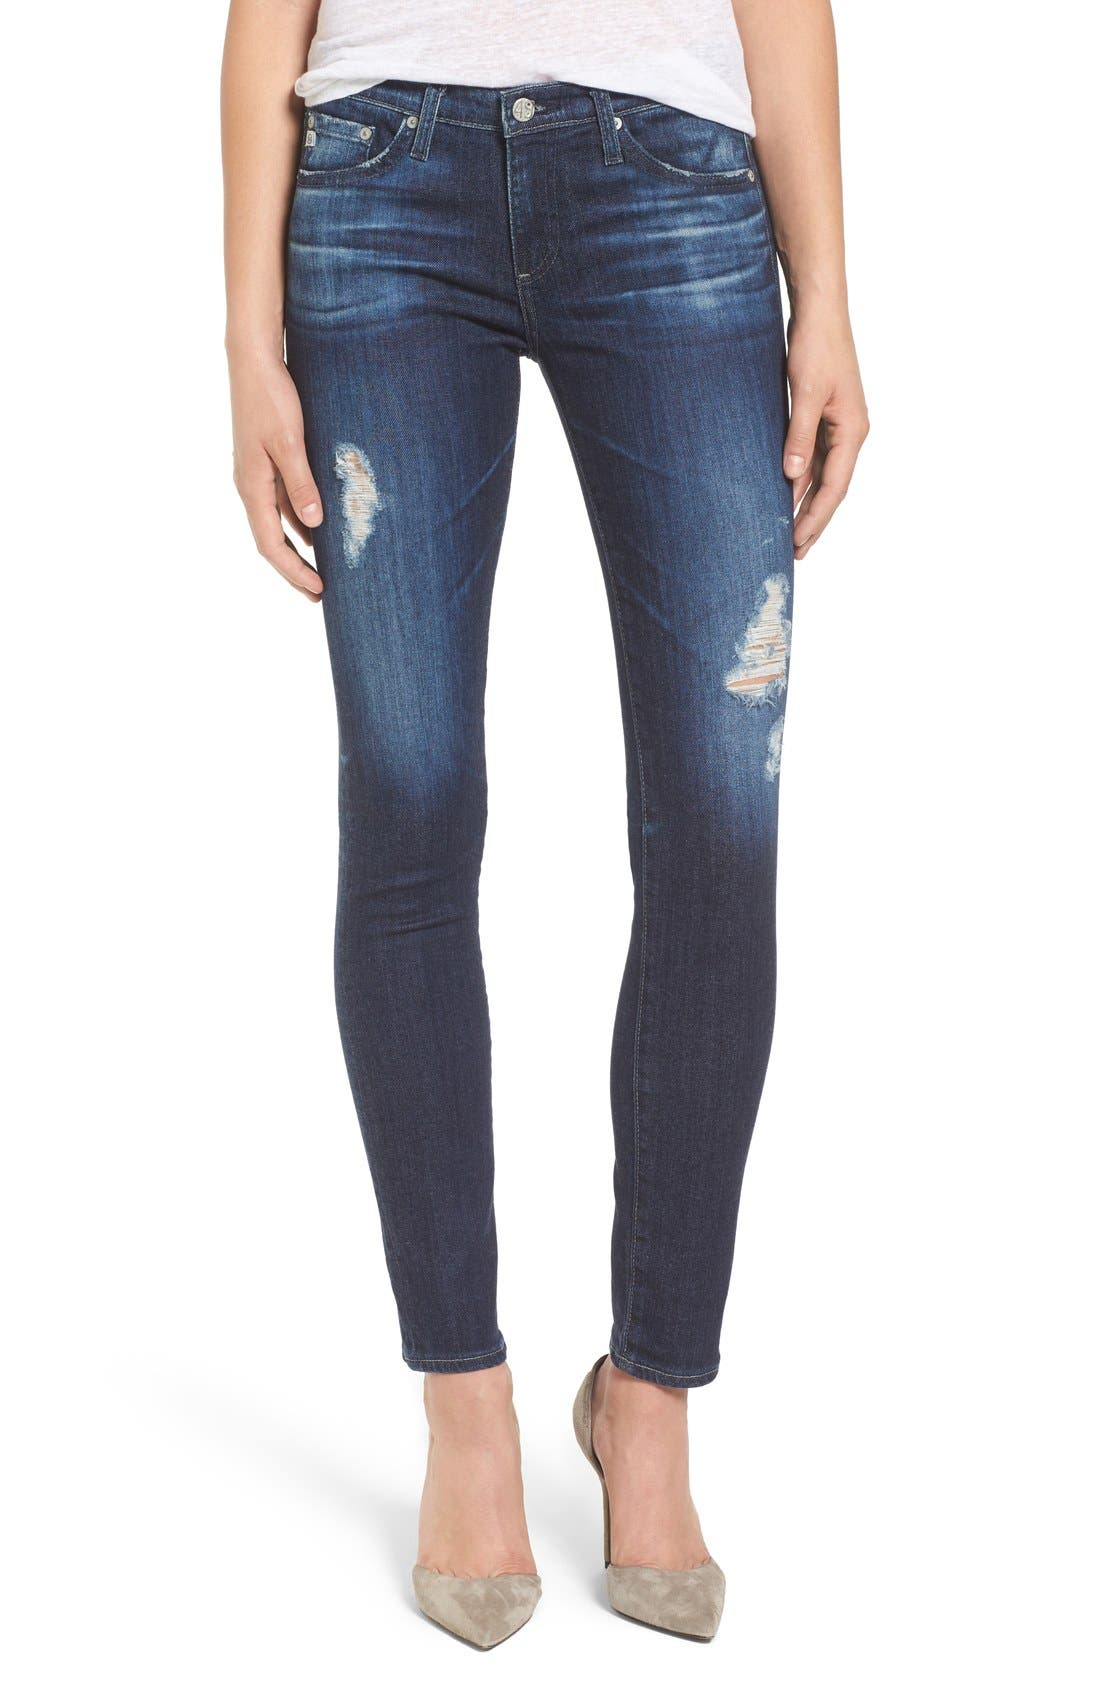 Main Image - AG 'The Stilt' Cigarette Leg Jeans (7 Year Ripped)